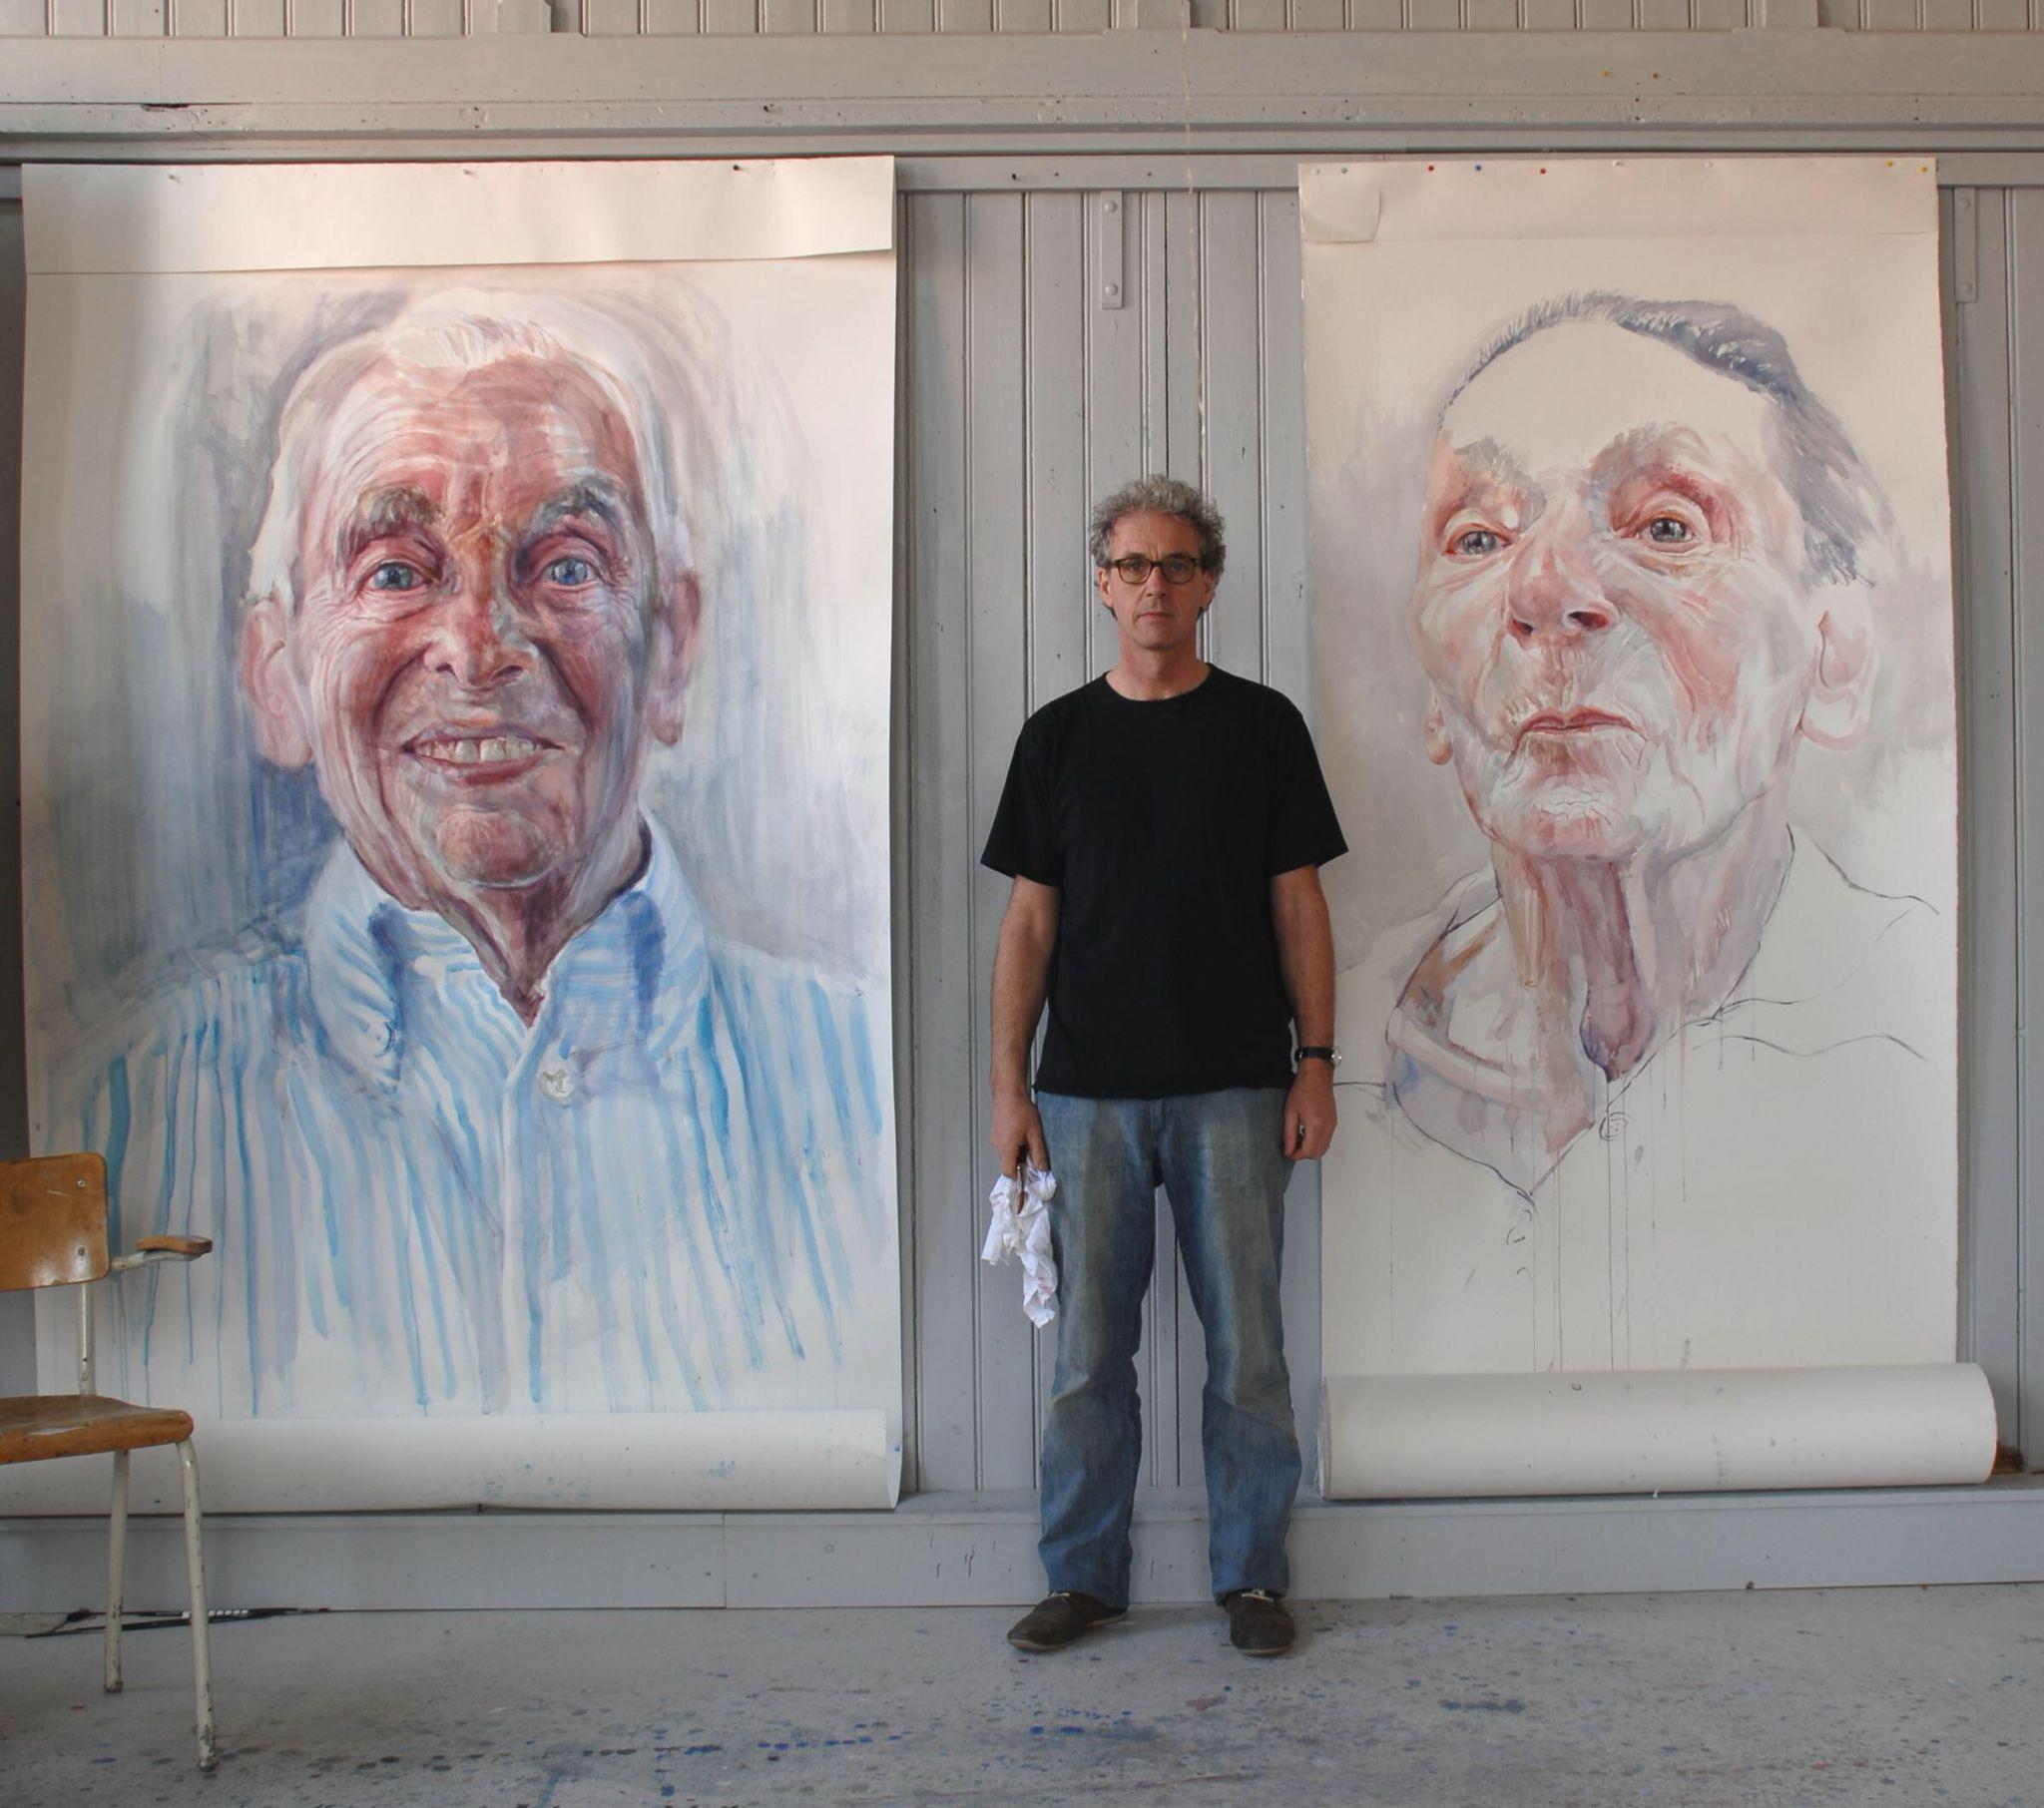 Herman van Hoogdalem, schilder van reeks Gezichten van dementie